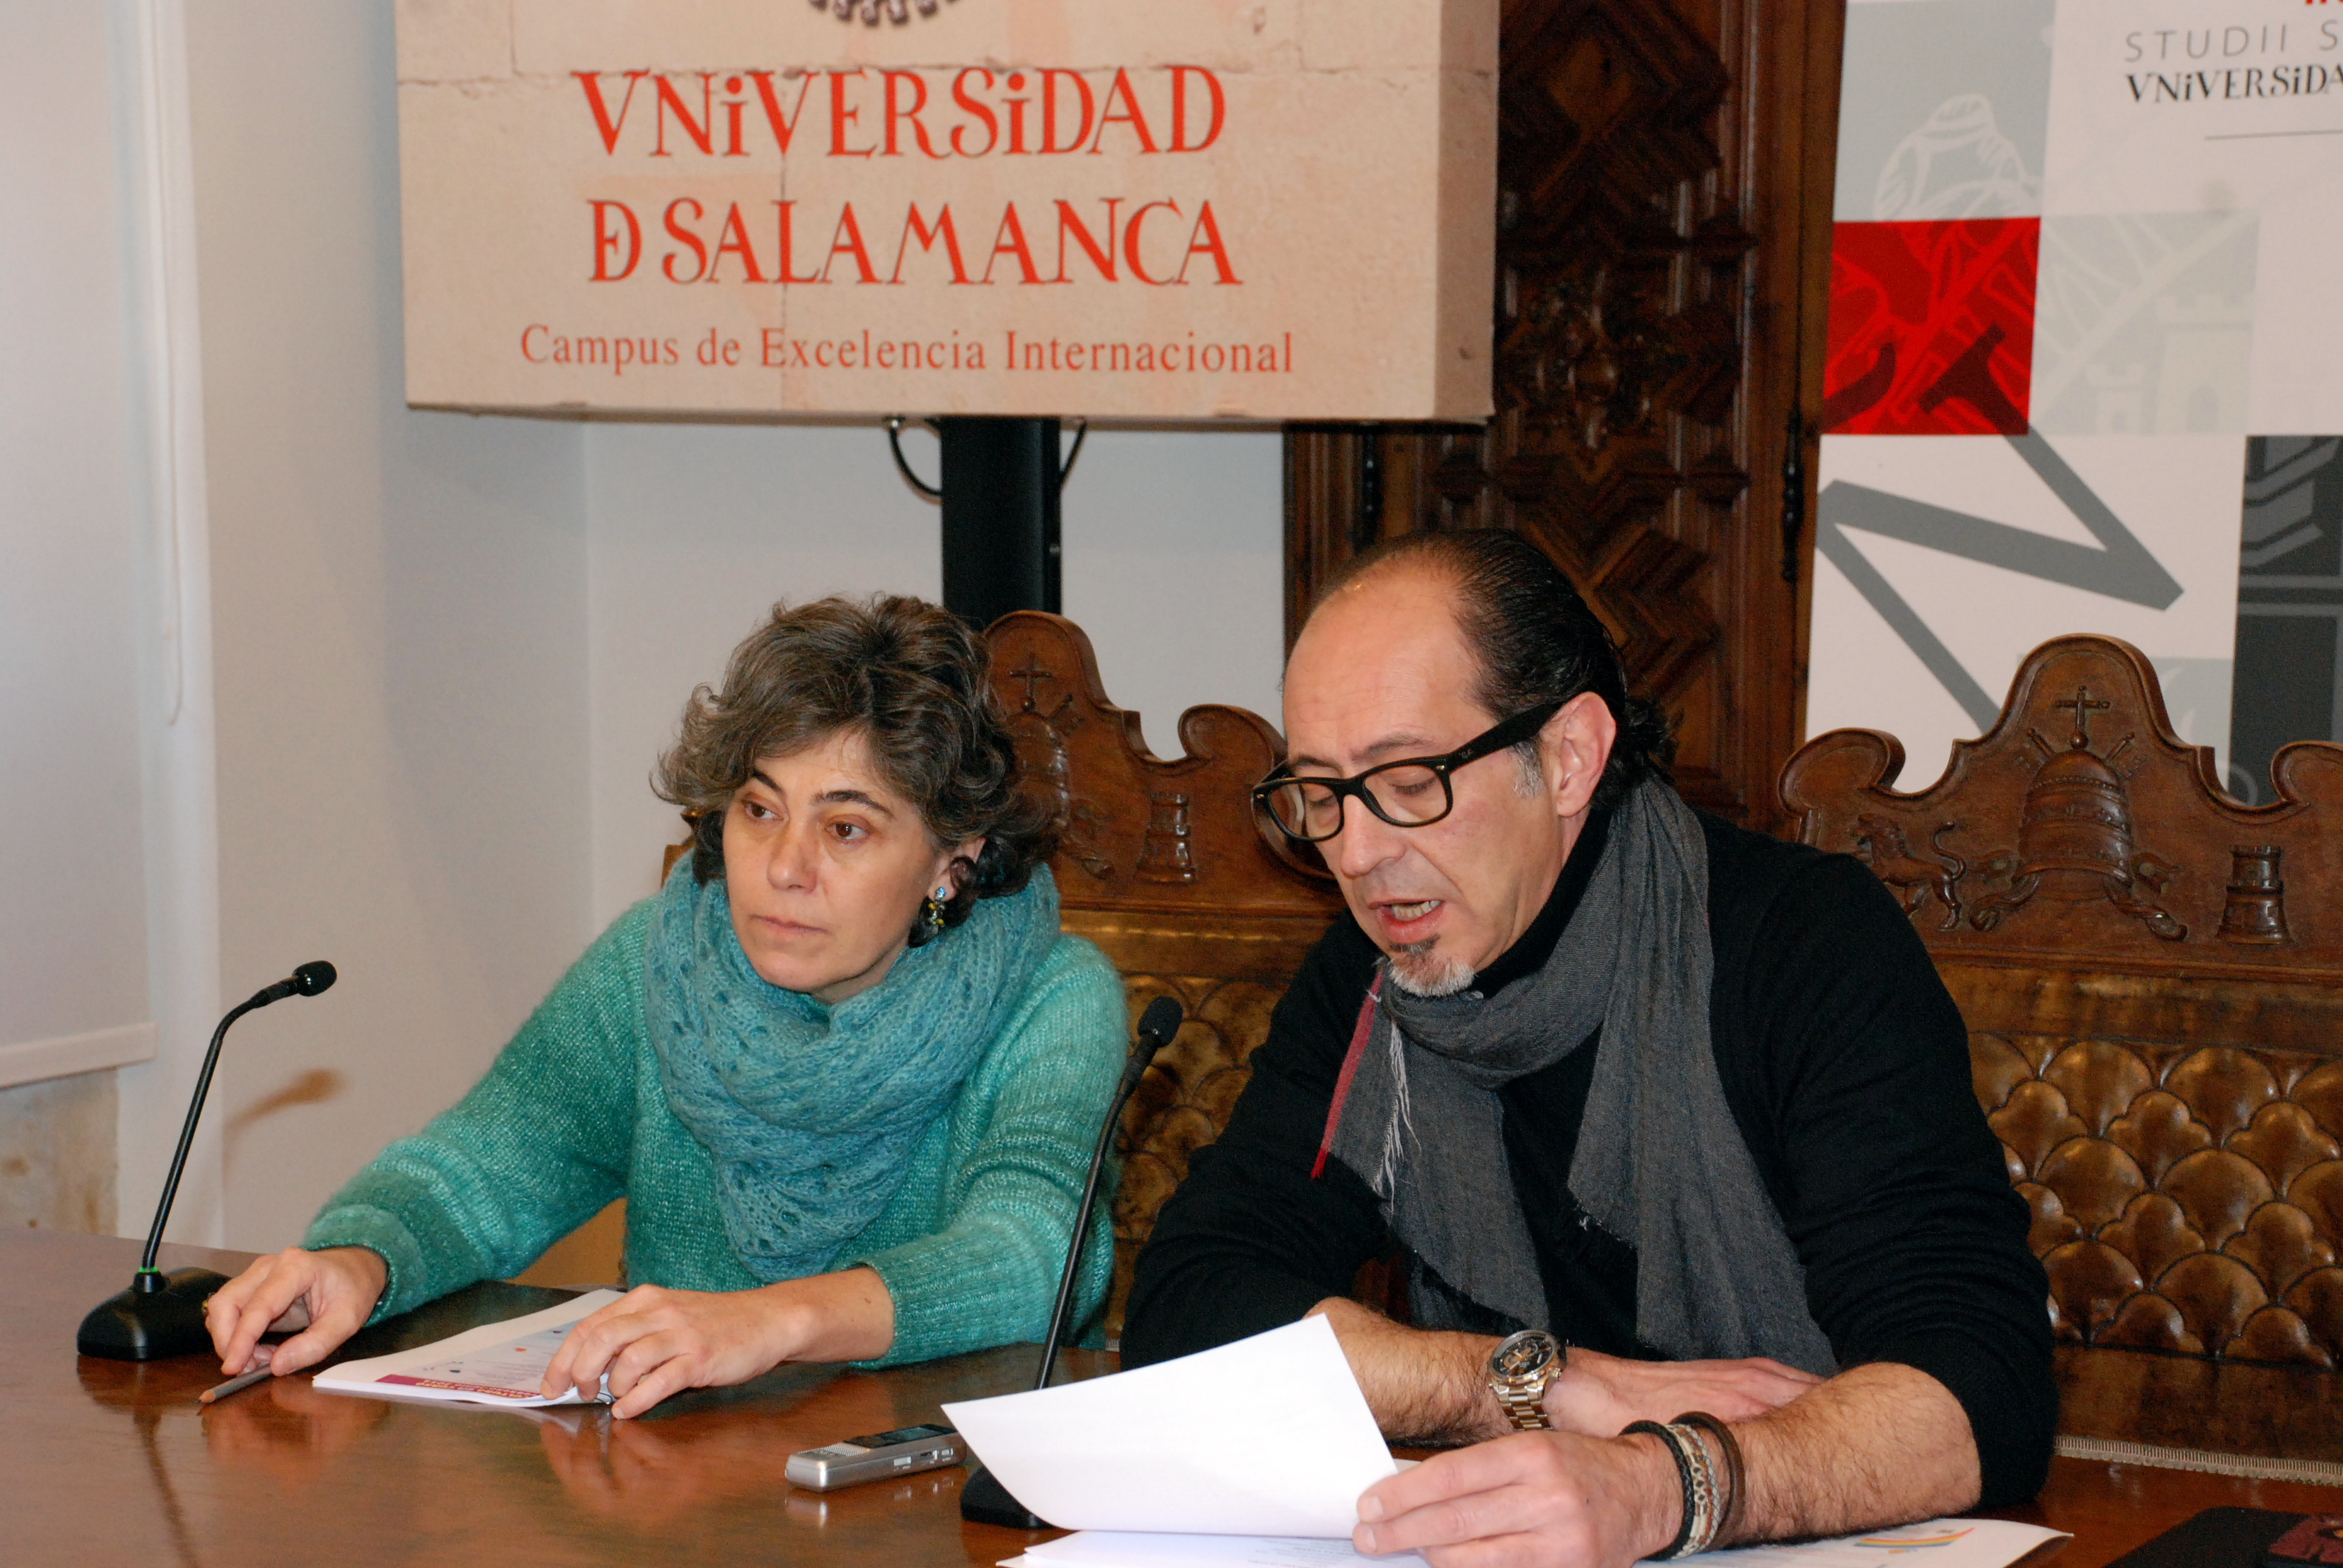 La Universidad de Salamanca presenta una programación cultural completa y variada dentro de 'Cultura en Curso'